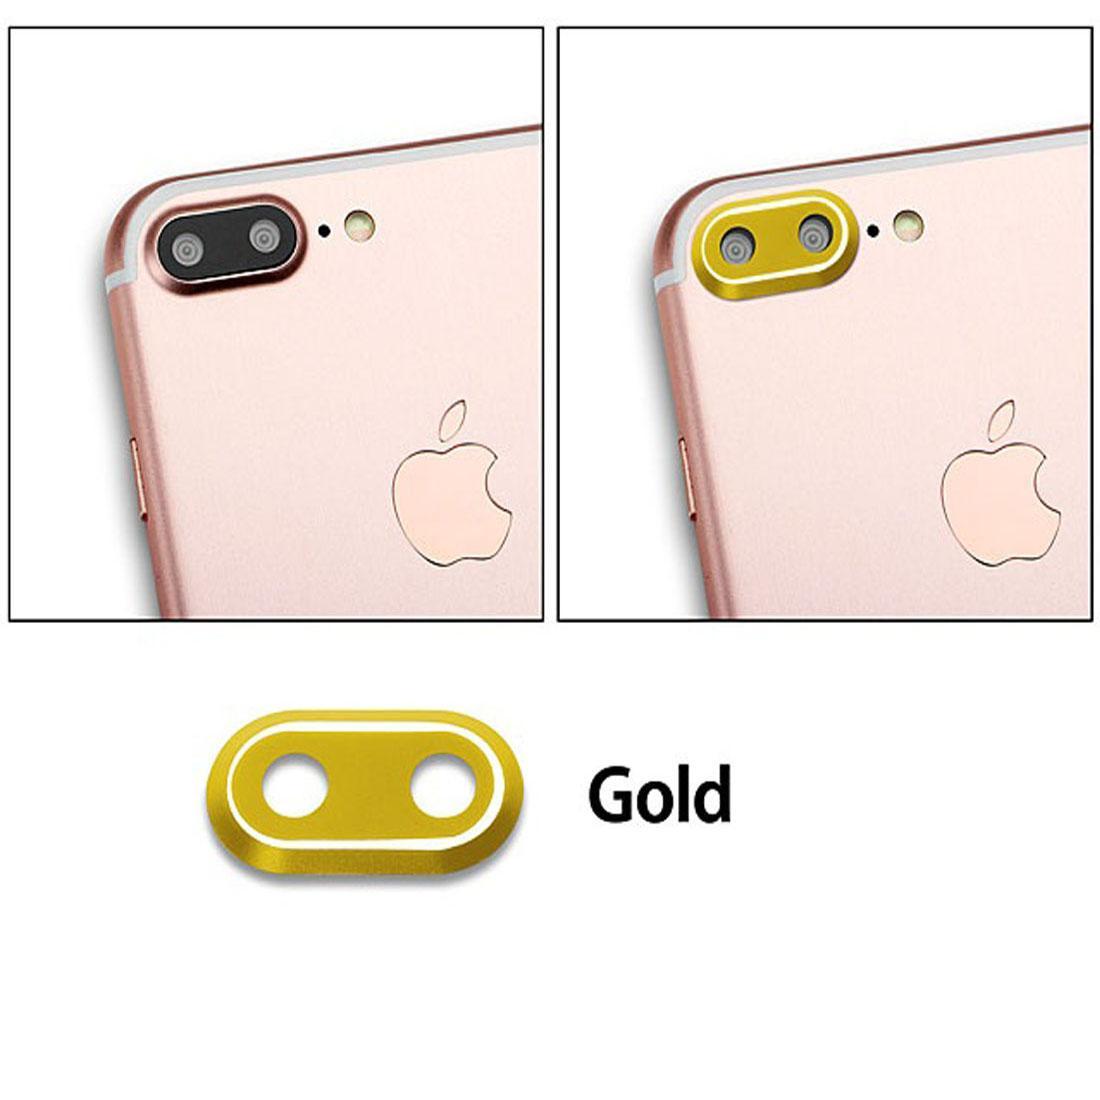 MR Metal Lens Protector / Ring Camera / Pelindung Kamera for Apple iPhone 7 Plus / Iphone7 Plus / iPhone 7G Plus / Iphone 7S Plus / iPhone 7+ Ukuran 5.5 inchi - Gold